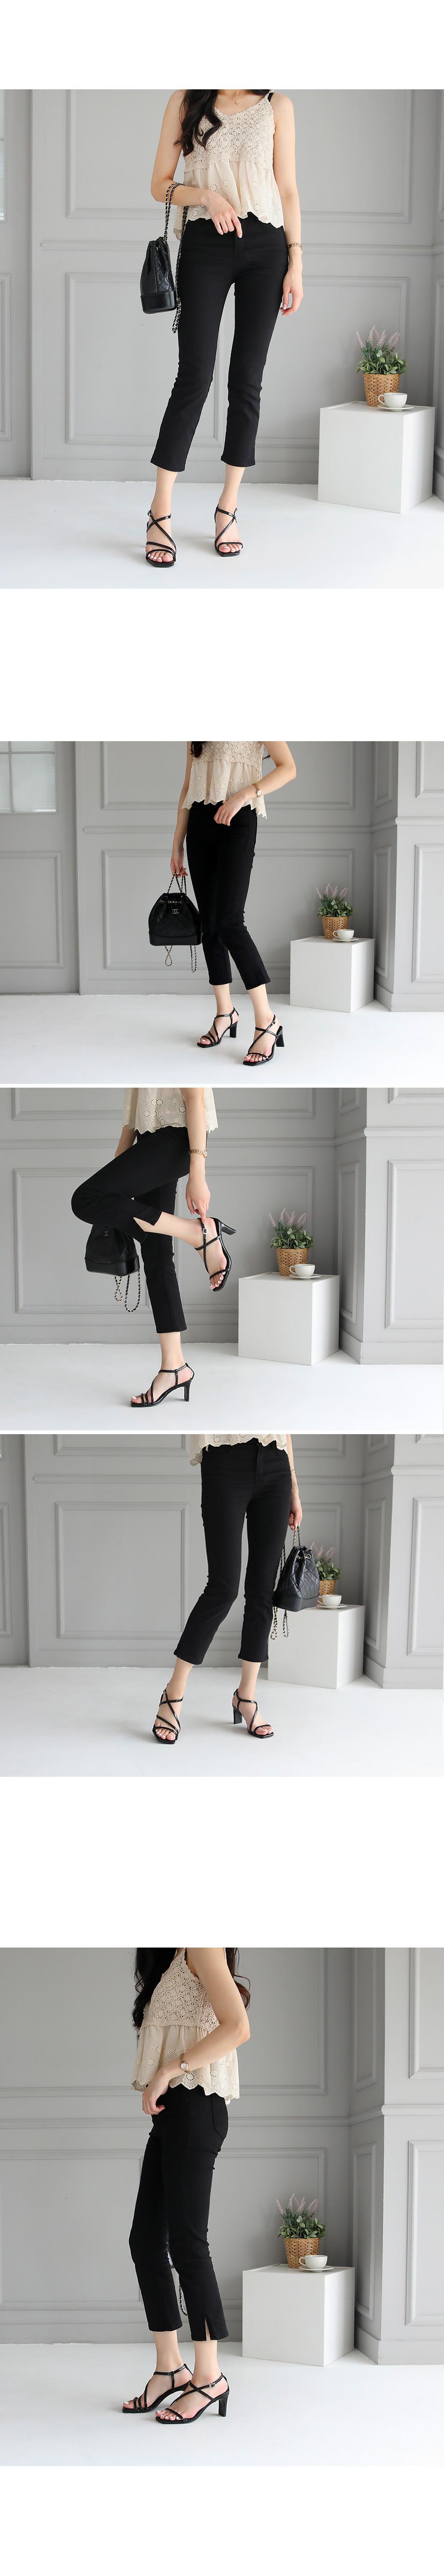 Cellar strap sandals heel 7cm